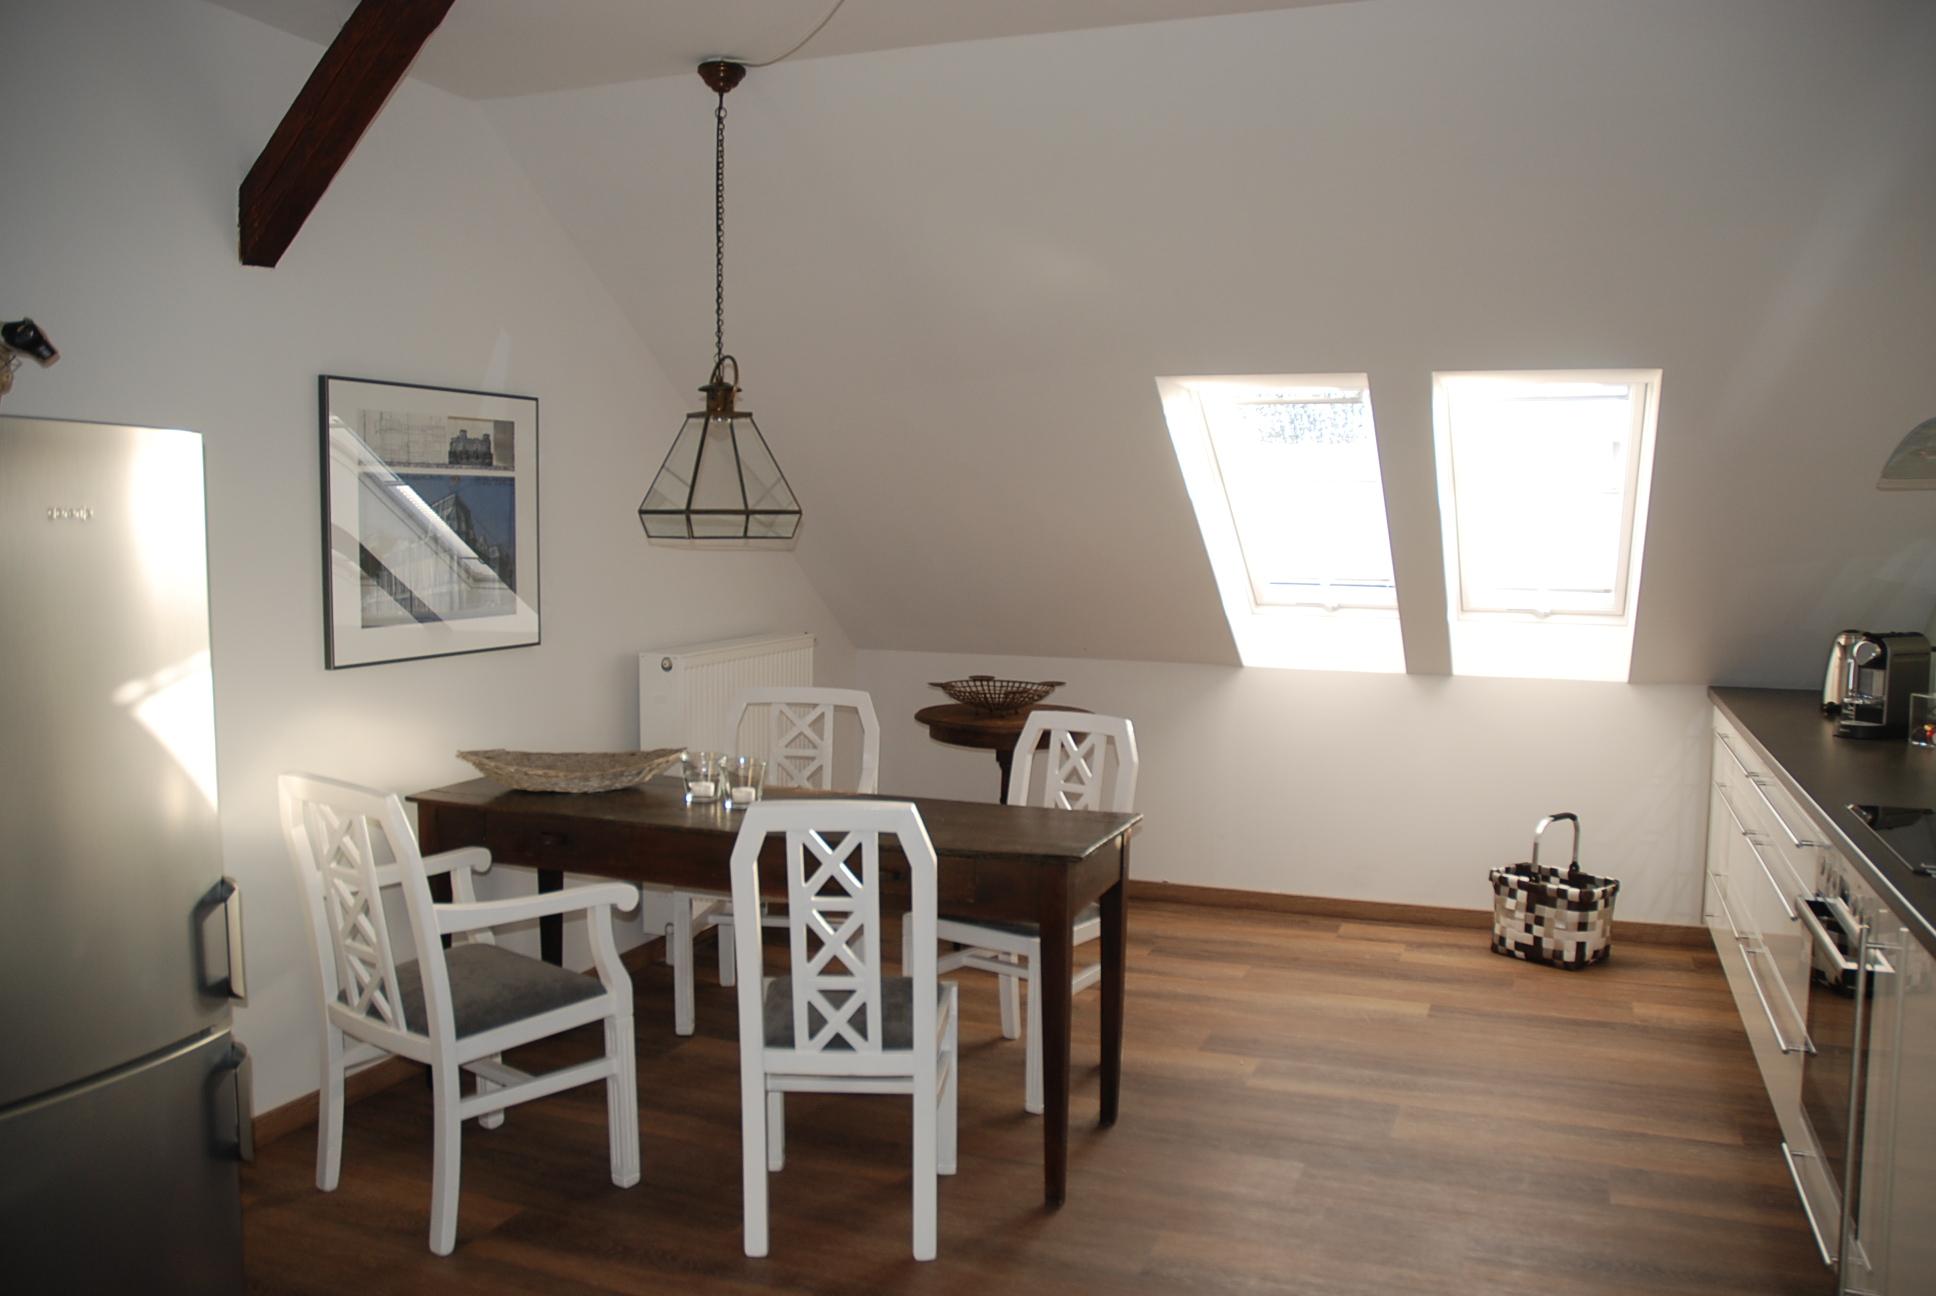 weitzel-boardinghouse-appart-muehlenstrasse-atelier-02